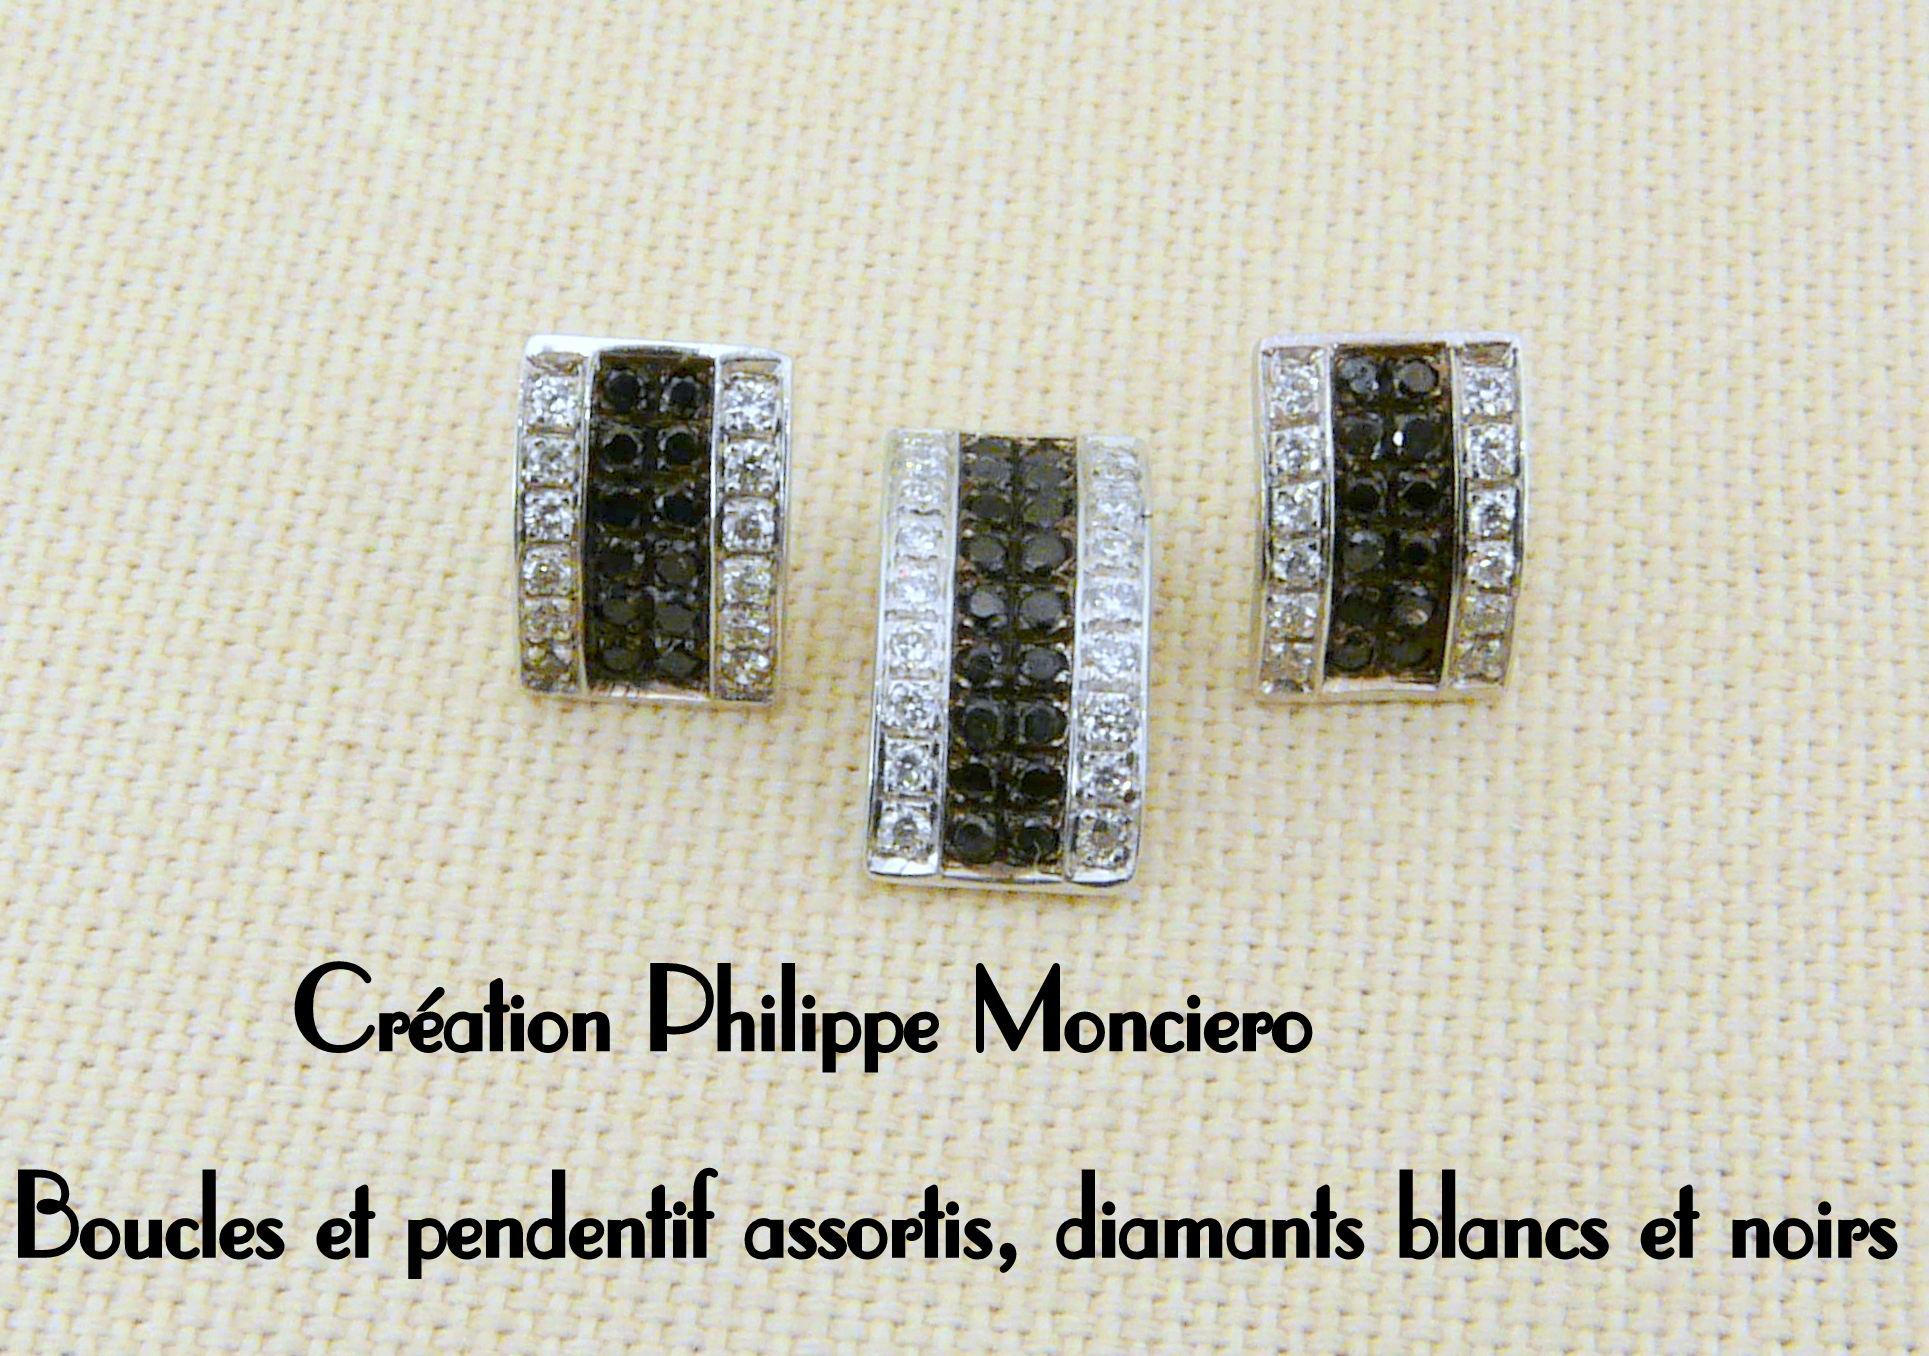 Boucles et pendentif en or blanc diamants blancs et noirs. Monciero - Nîmes